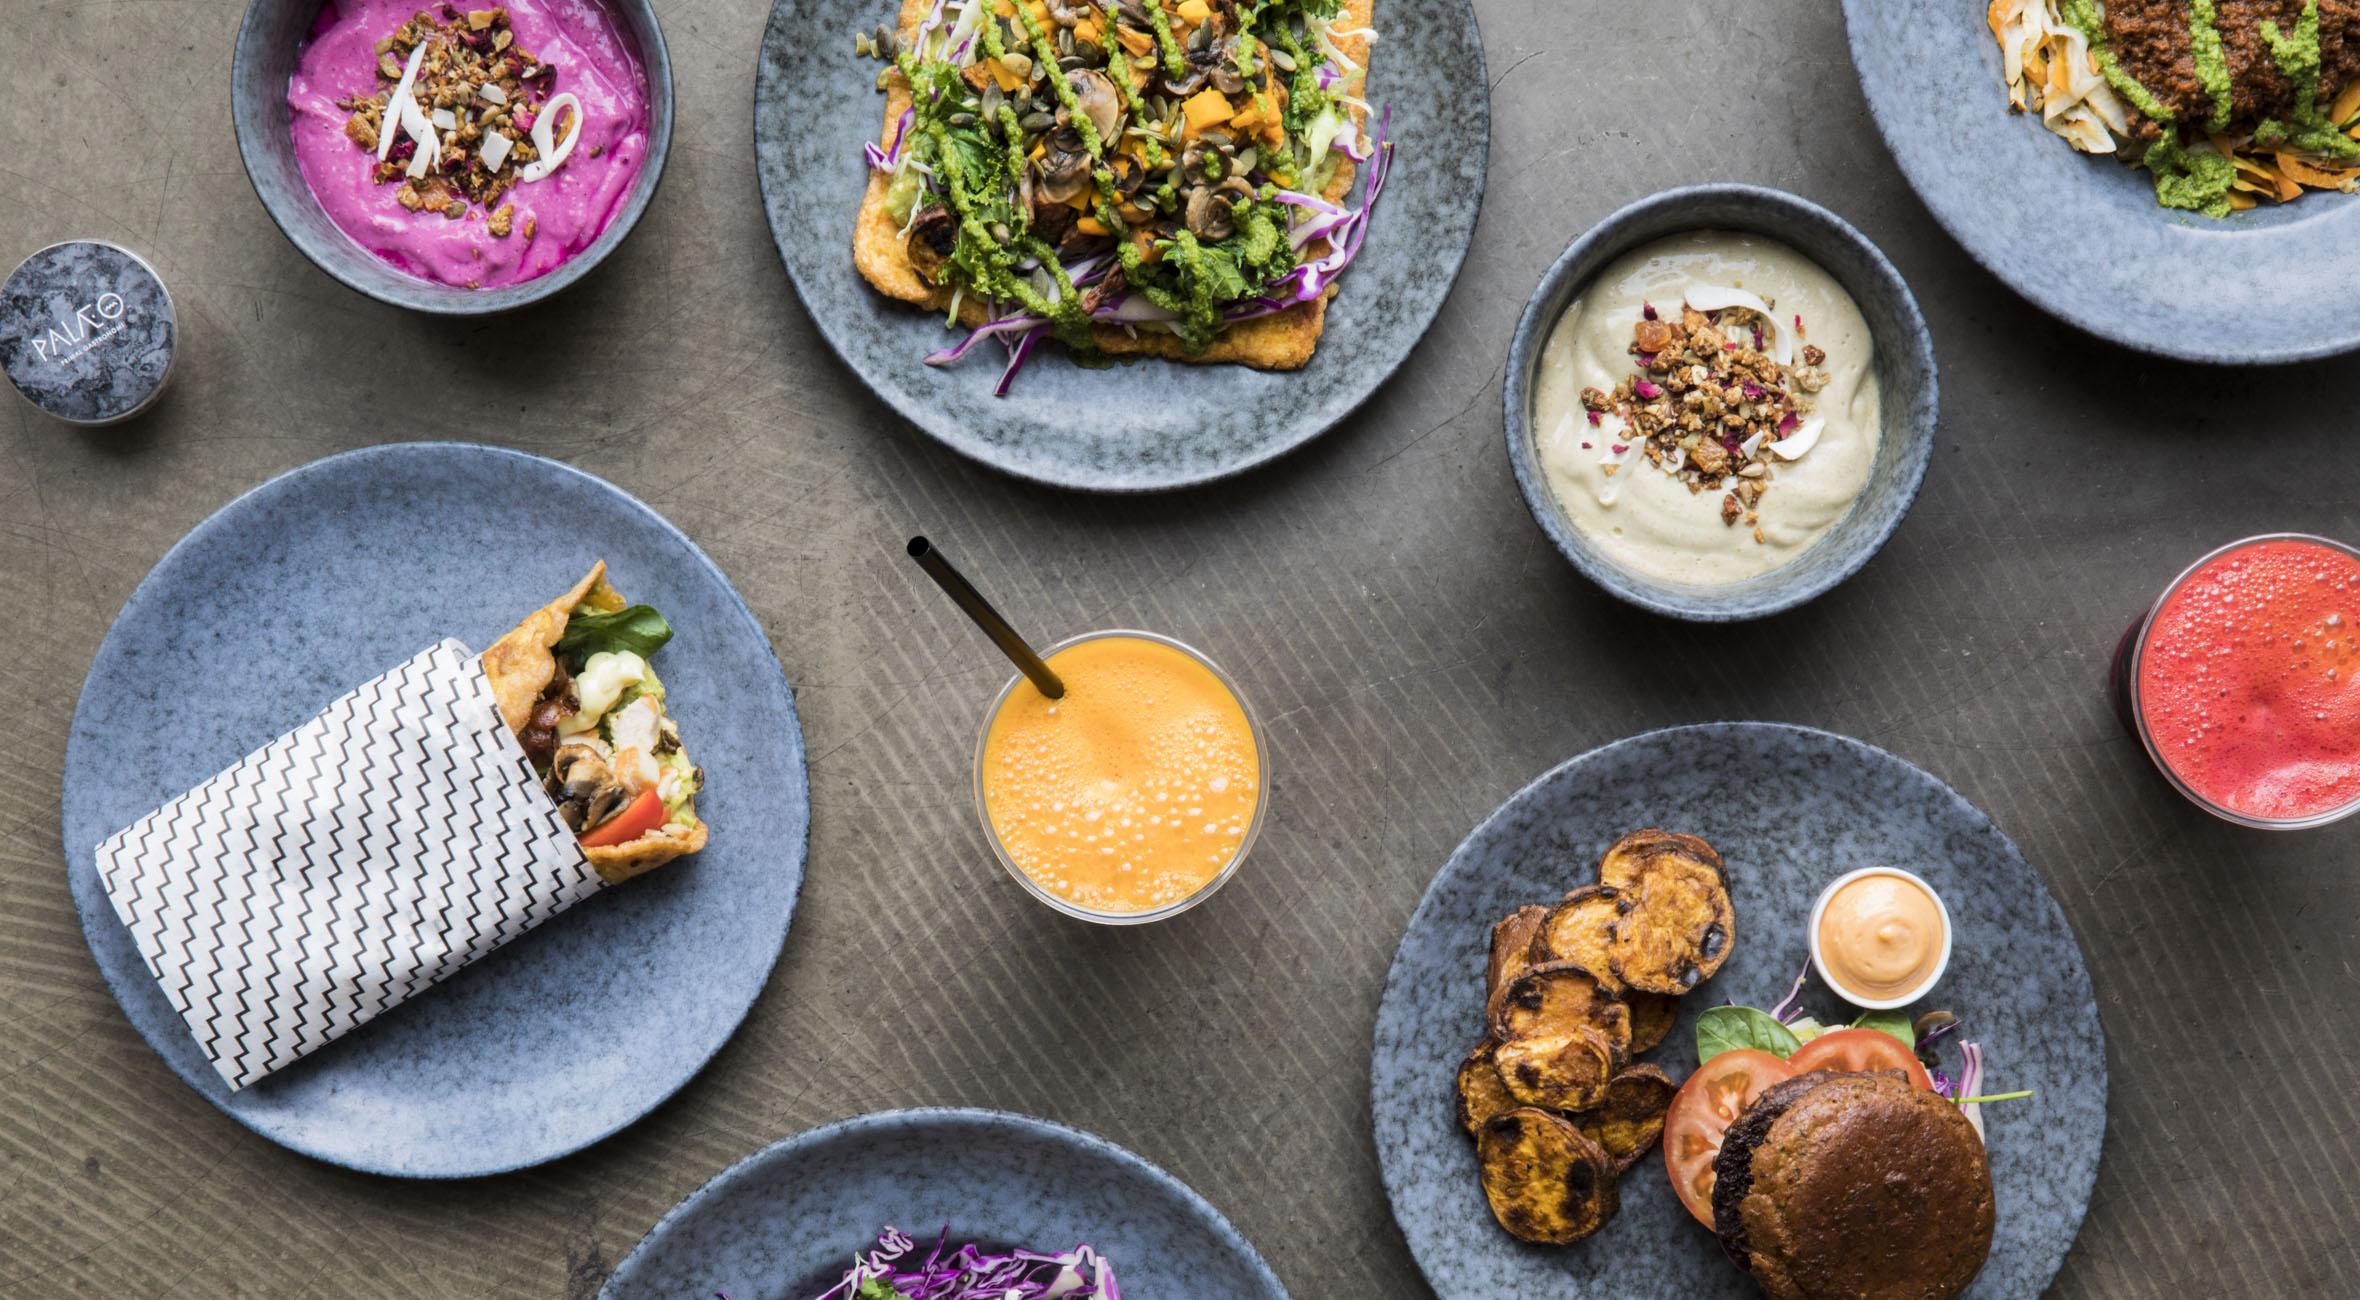 Frit valg til alt hos PALÆO – Landets hippeste health-food-koncept har indtaget alt fra Indre By til Torvehallerne, Østerbro, Frederiksberg og Hellerup